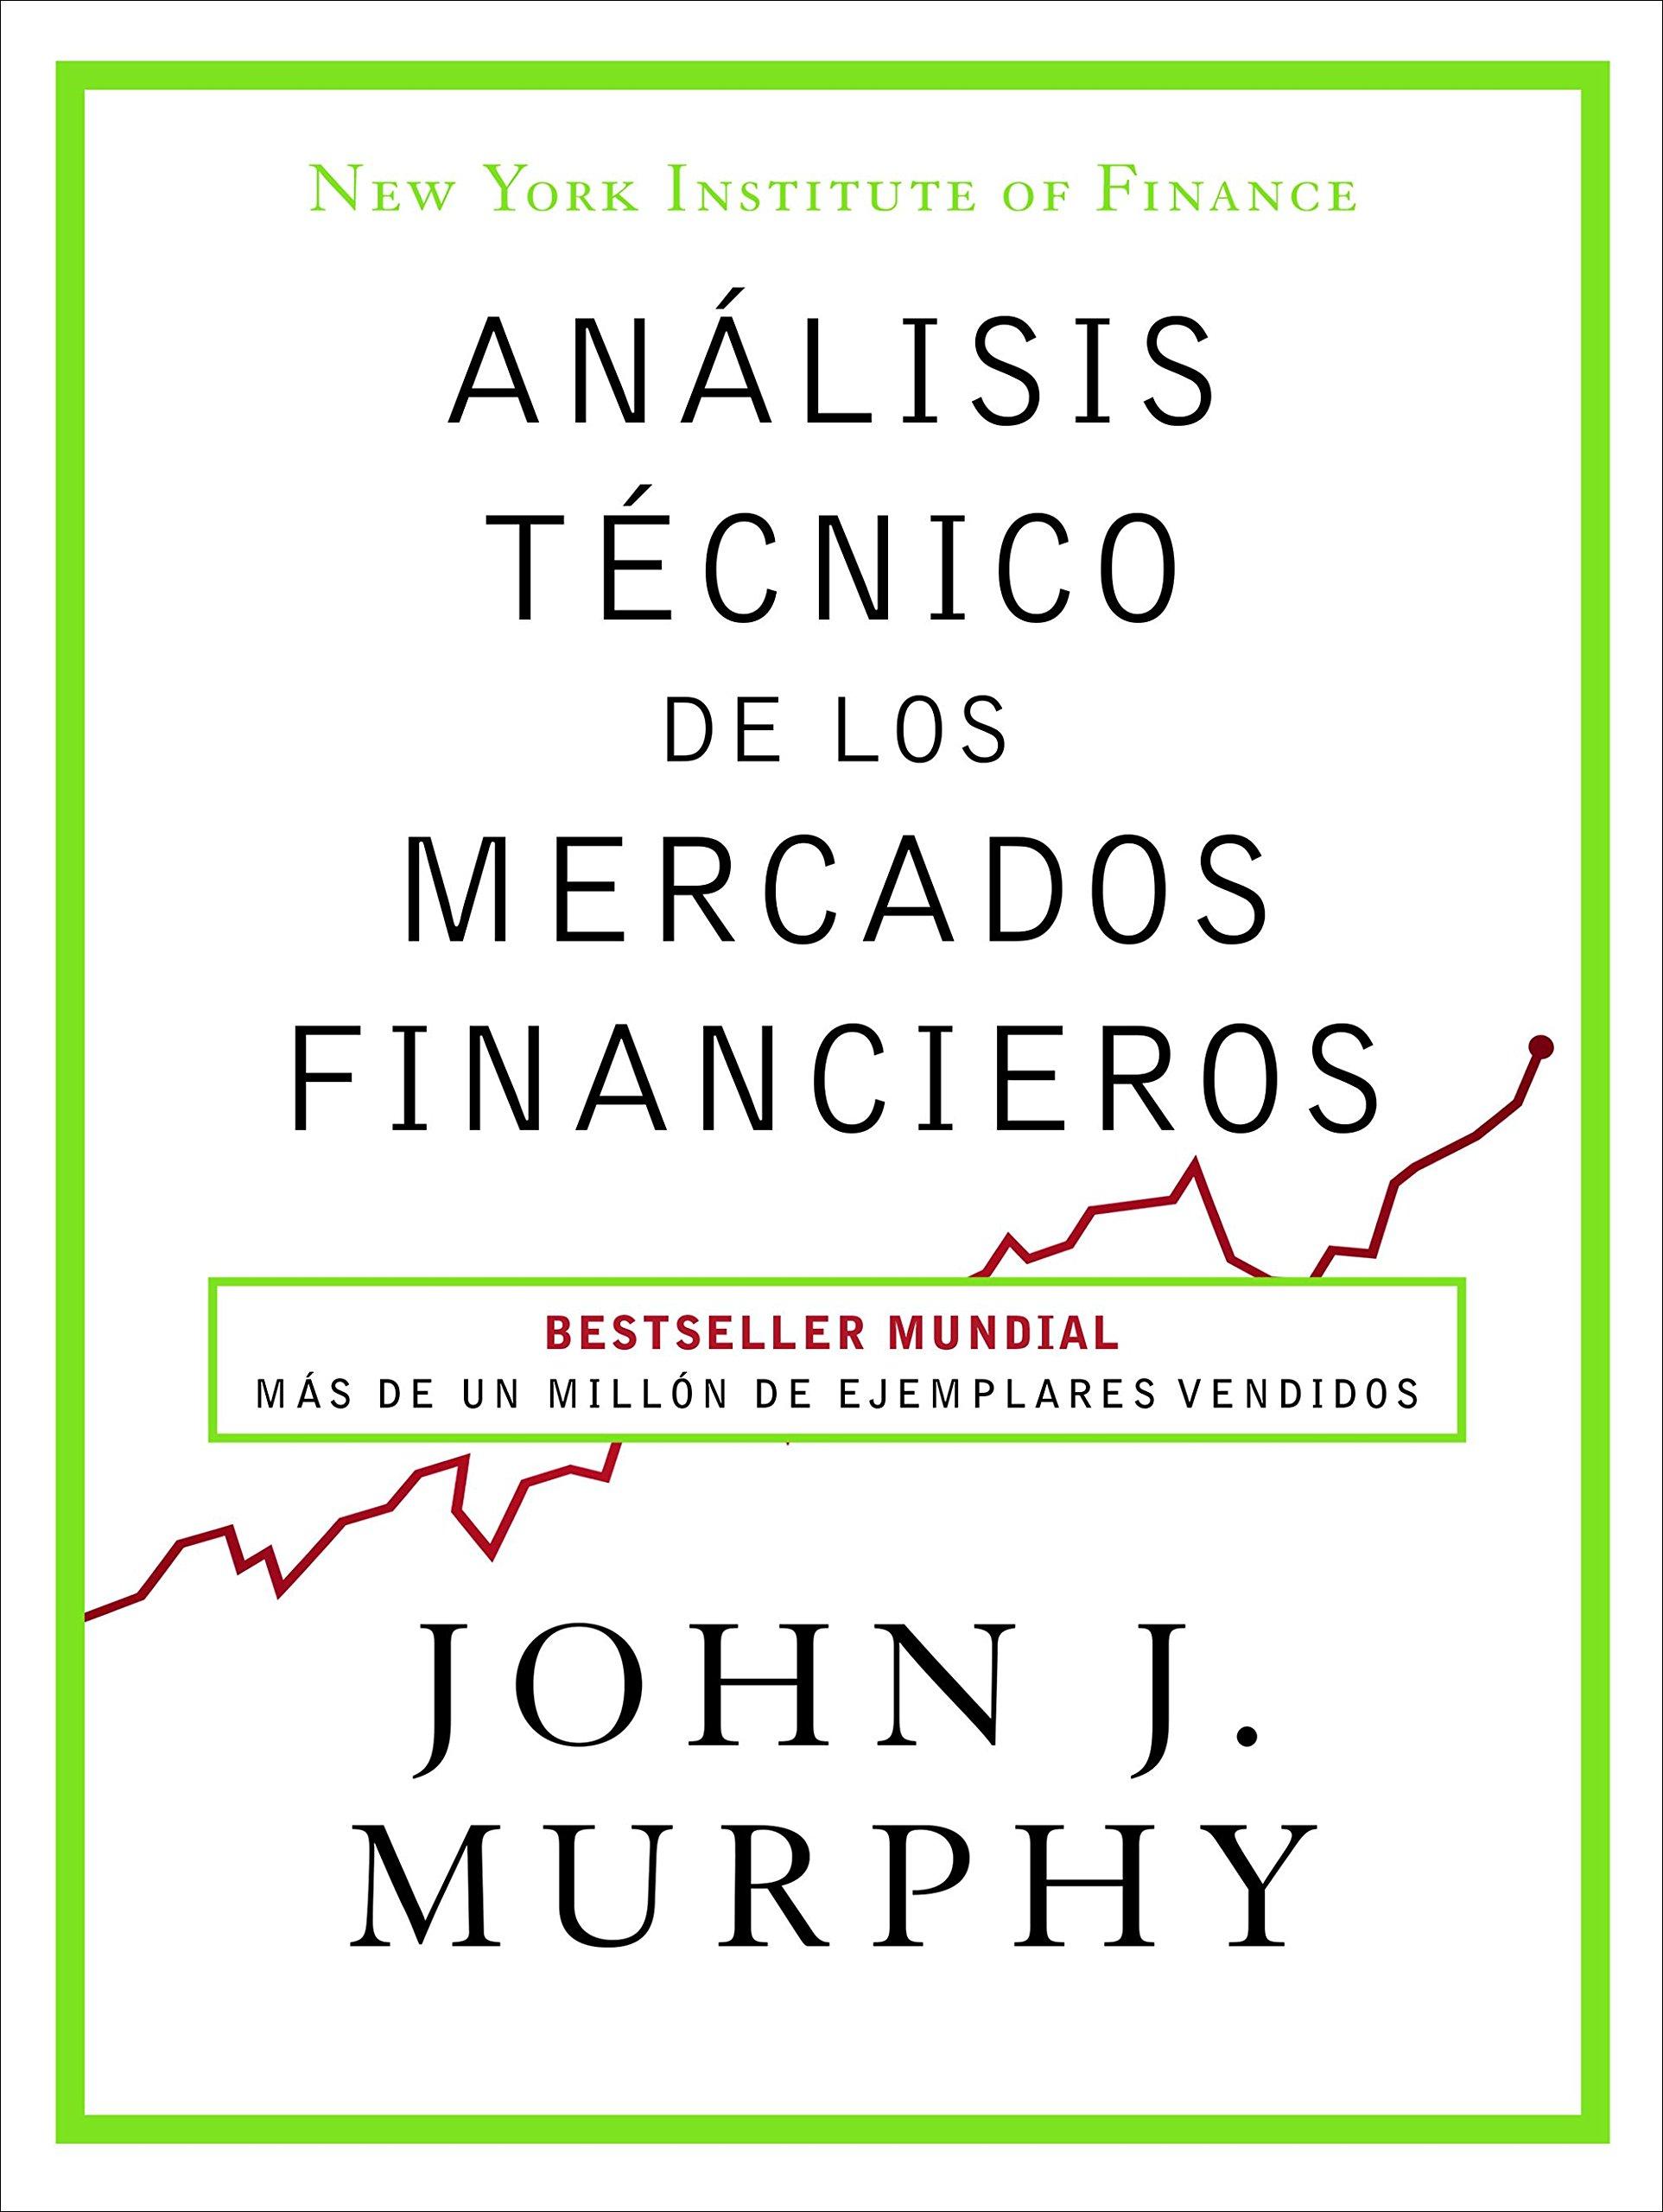 Análisis de los mercados financieros de John J. Murphy